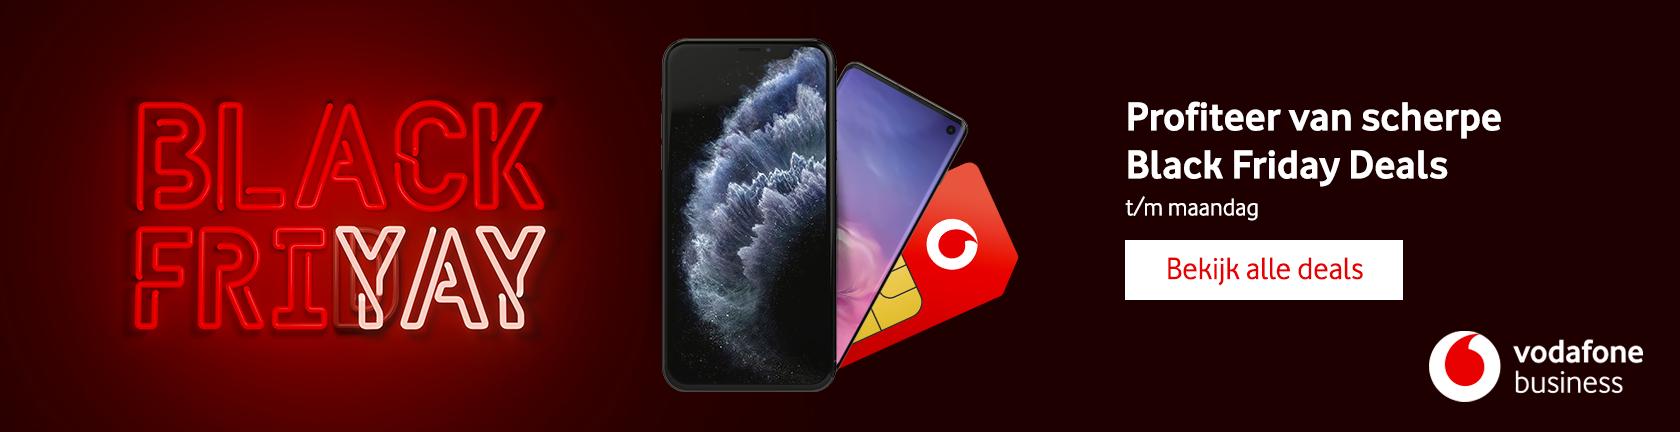 Black Friyay profiteer van scherpe Black Friday deals t/m maandag bekijk alle Vodafone Zakelijk deals